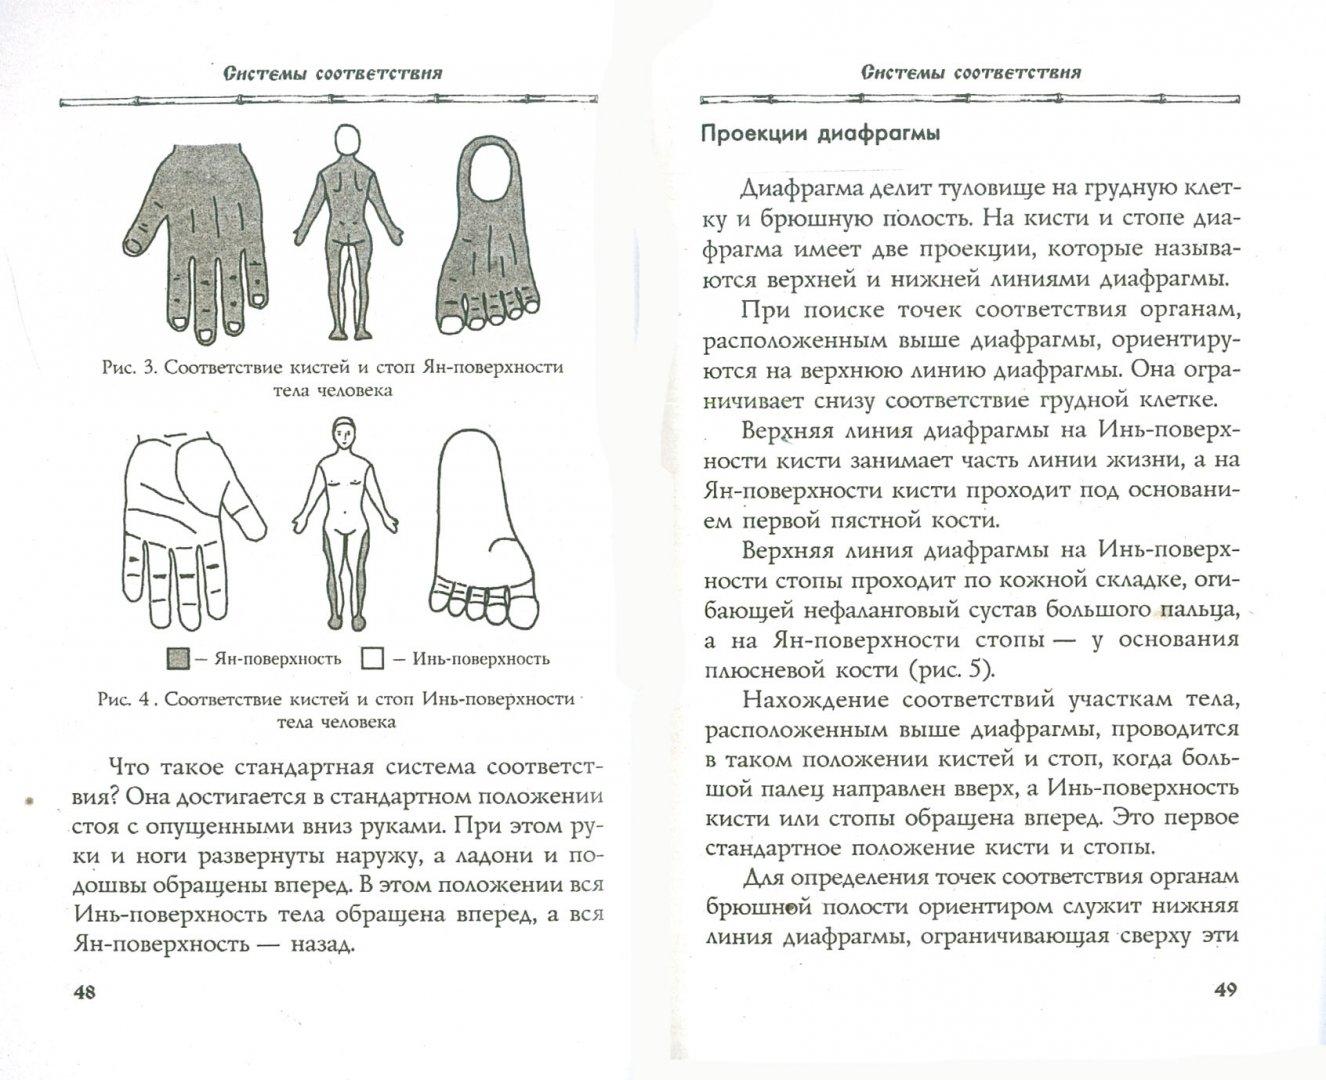 Иллюстрация 1 из 5 для Золотые рецепты акупунктуры   Лабиринт - книги. Источник: Лабиринт